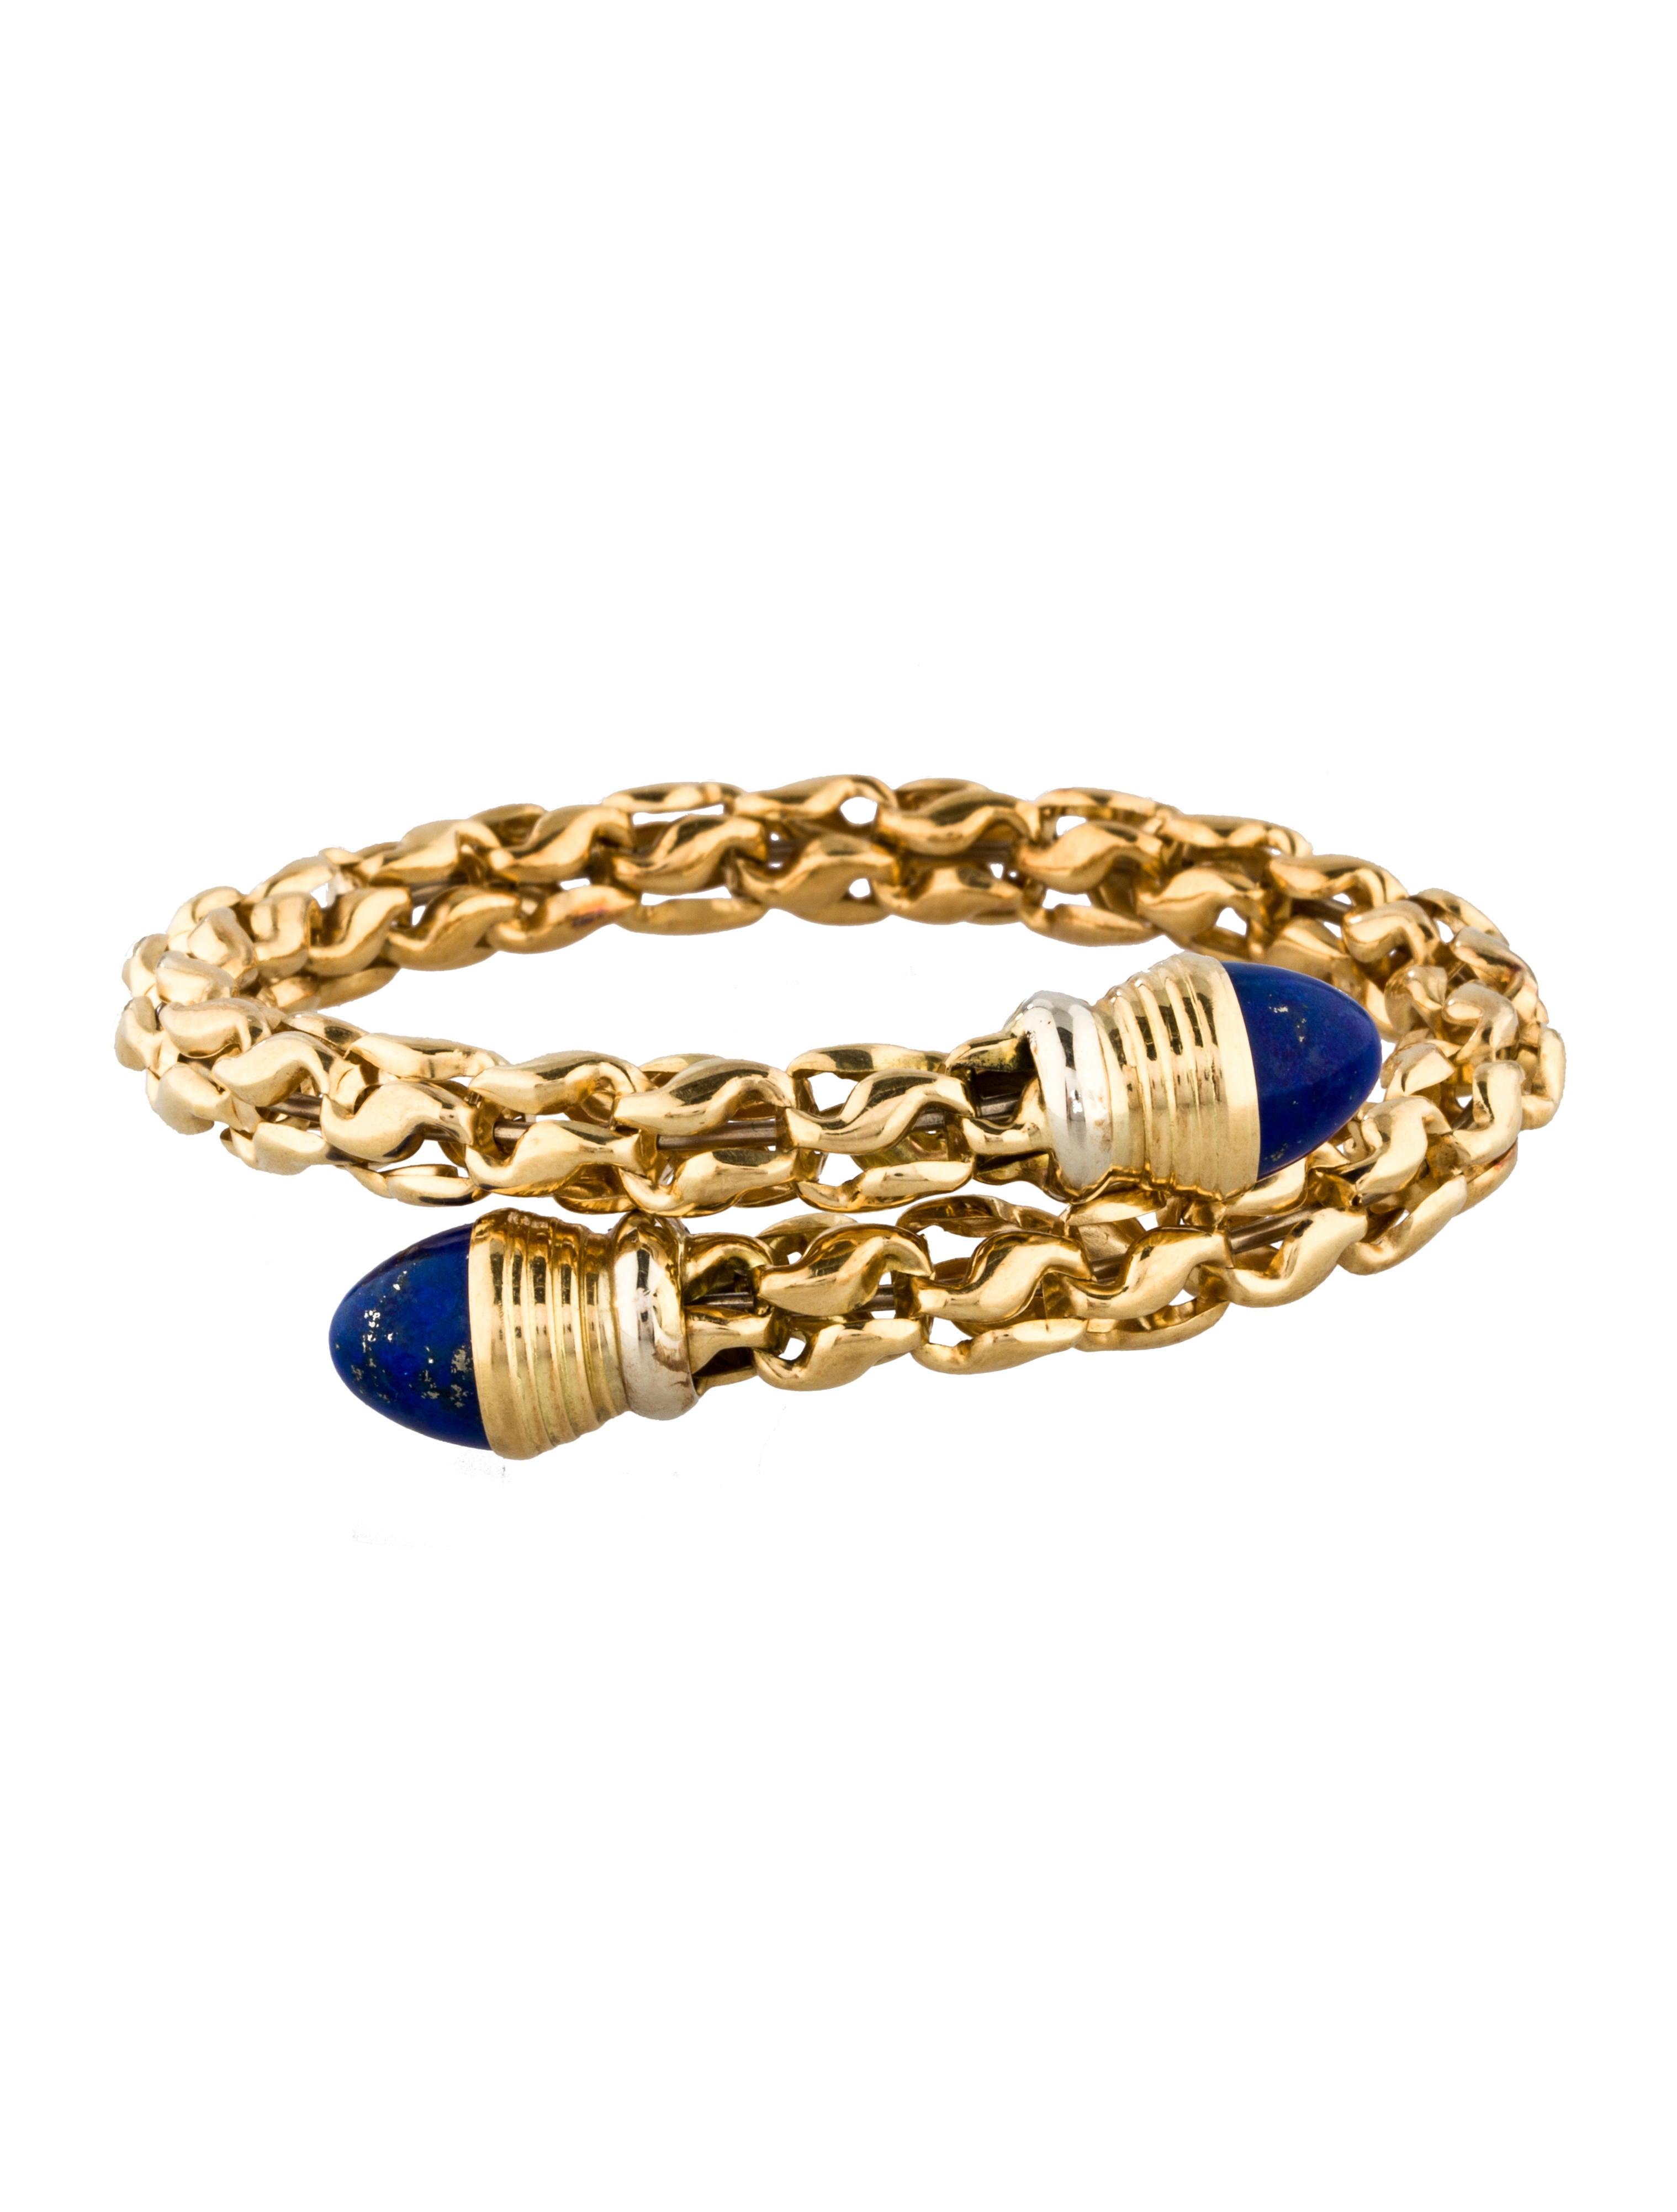 18k gold lapis bracelet bracelets fjb21536 the. Black Bedroom Furniture Sets. Home Design Ideas